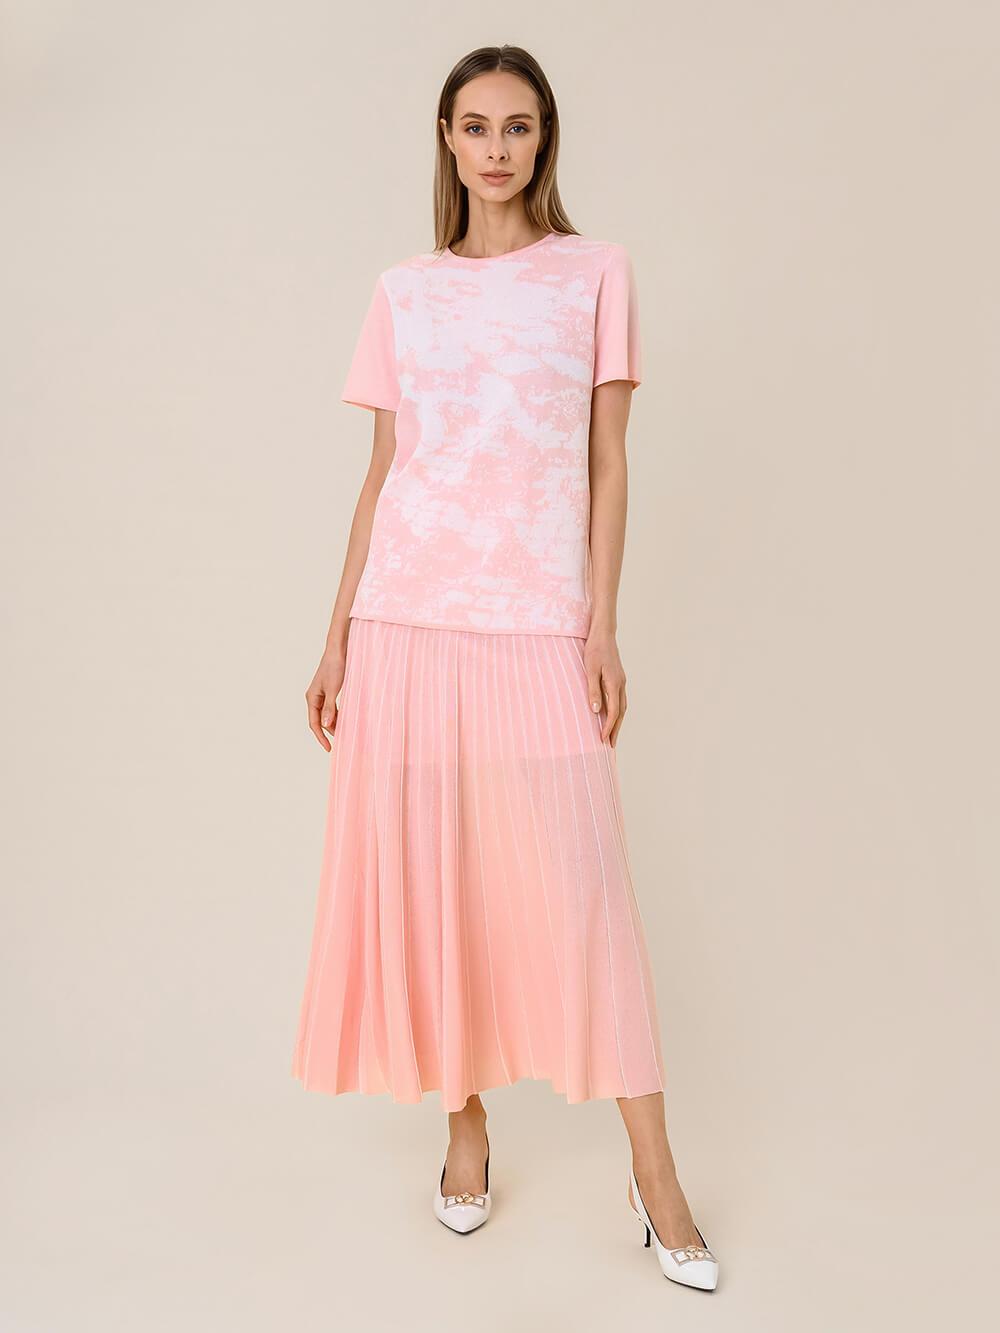 Женская юбка-плиссе розового цвета из вискозы - фото 1